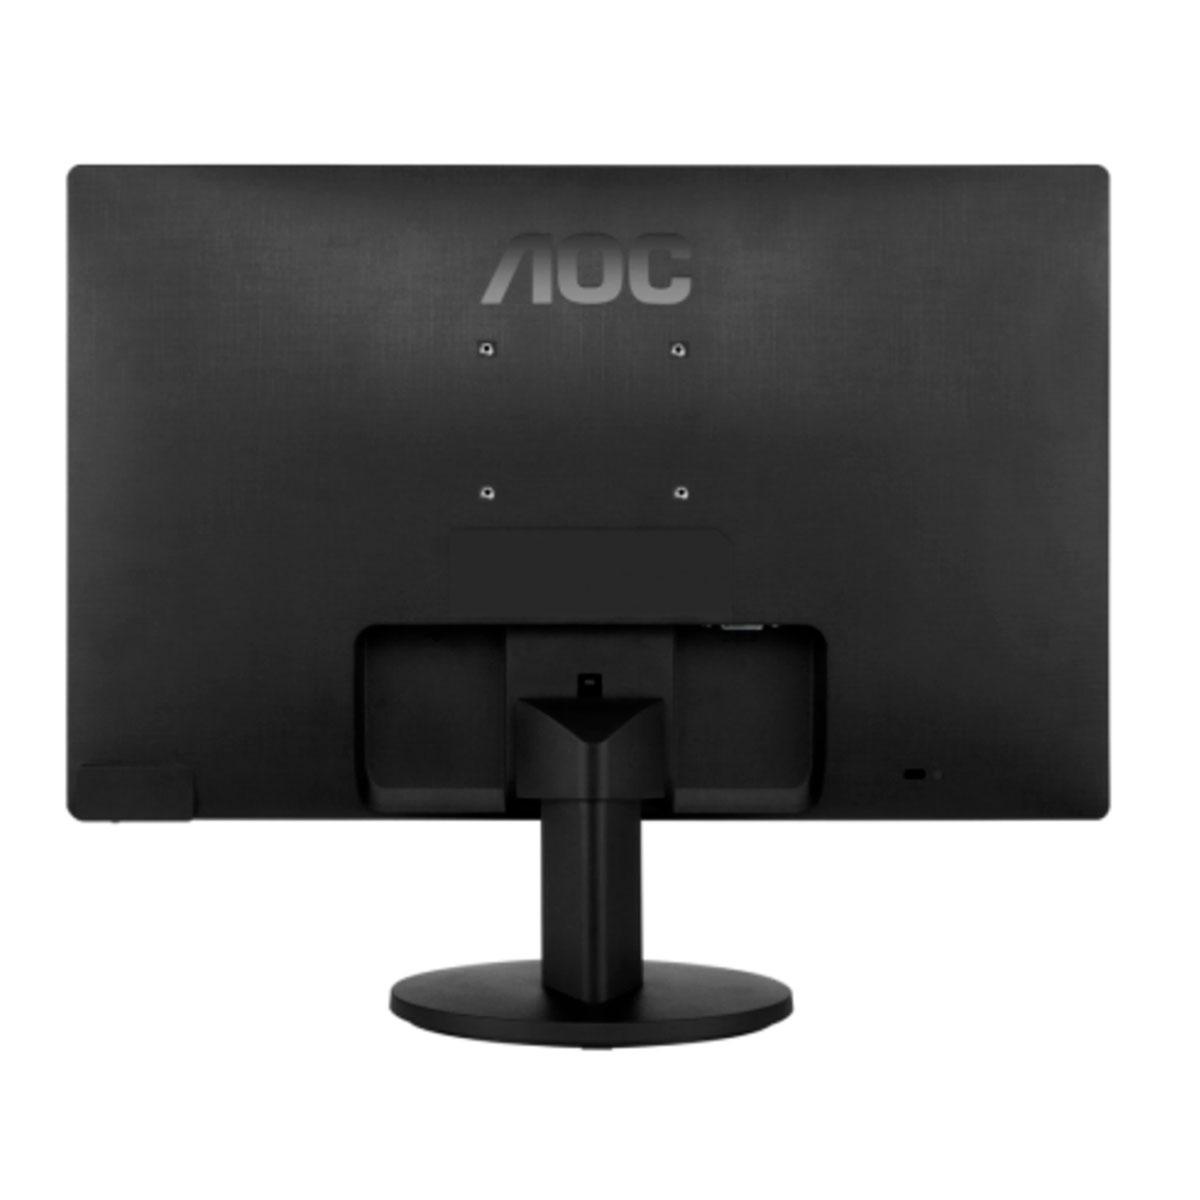 """Monitor AOC 15.6"""" Widescreen, LED, HD (1366 x 768), VGA, Preto, Vesa - E1670SWU/WM"""